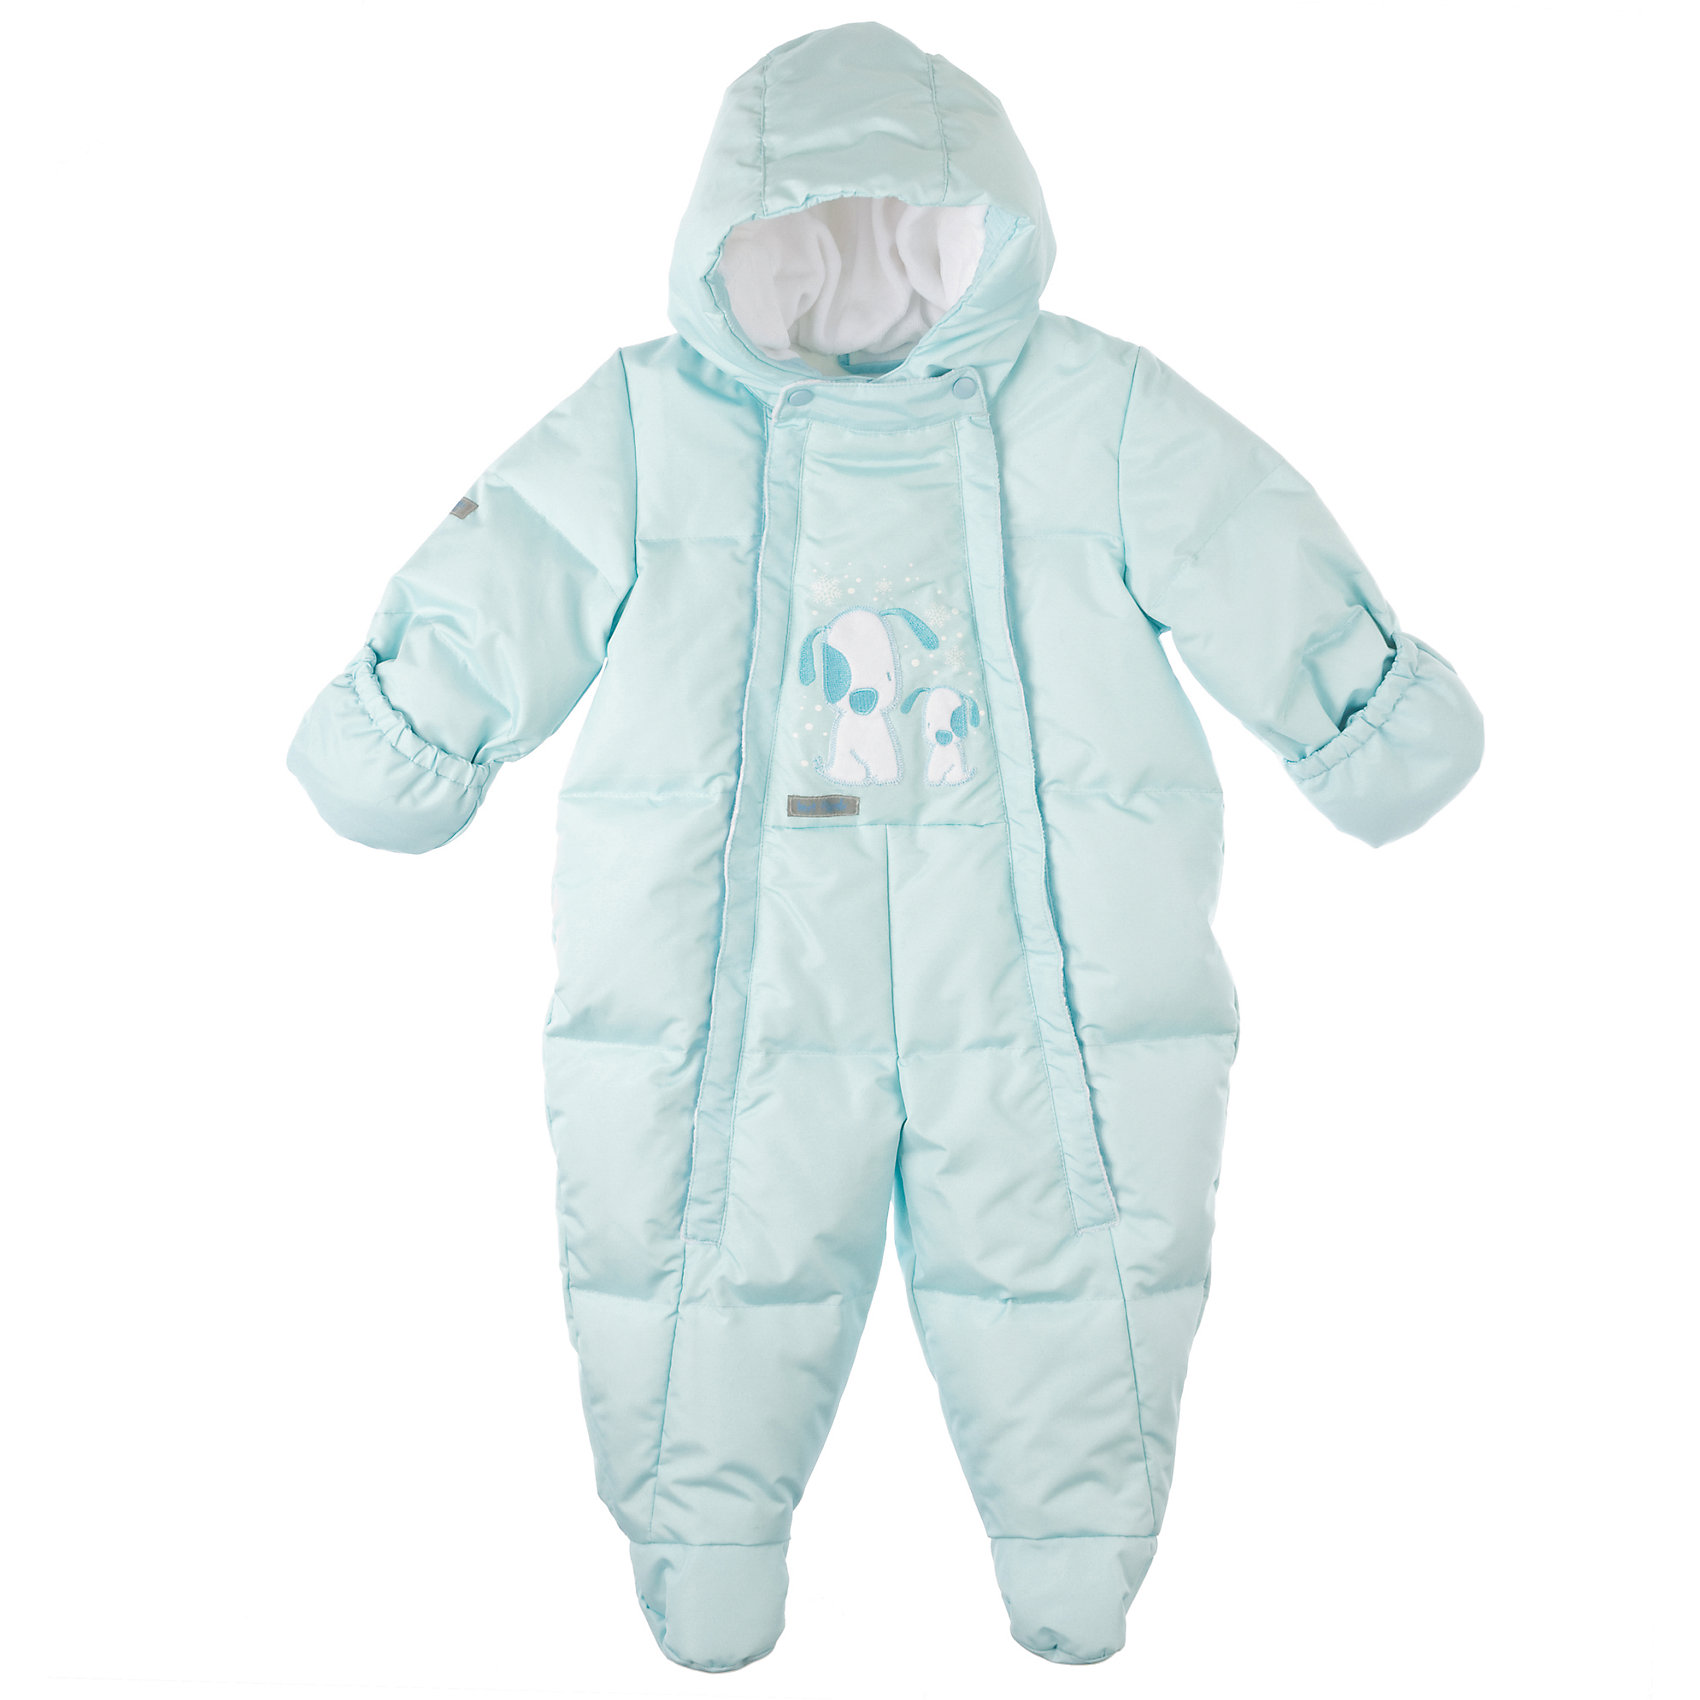 Комбинезон для мальчика PlayTodayКомбинезон для мальчика PlayToday Теплый комбинезон на молнии для новорожденных. Дополнительно утеплён велюровой подкладкой. Есть капюшон и рукавички на резинке. Для защиты от ветра в капюшоне с внешней стороны имеется резинка, утягивающаяся стопперами. Состав: Верх: 100% полиэстер, подкладка: 80% хлопок, 20% полиэстер, Утеплитель 90% пух, 10% перо<br><br>Ширина мм: 157<br>Глубина мм: 13<br>Высота мм: 119<br>Вес г: 200<br>Цвет: голубой<br>Возраст от месяцев: 0<br>Возраст до месяцев: 3<br>Пол: Мужской<br>Возраст: Детский<br>Размер: 56/62,68/74<br>SKU: 4229174